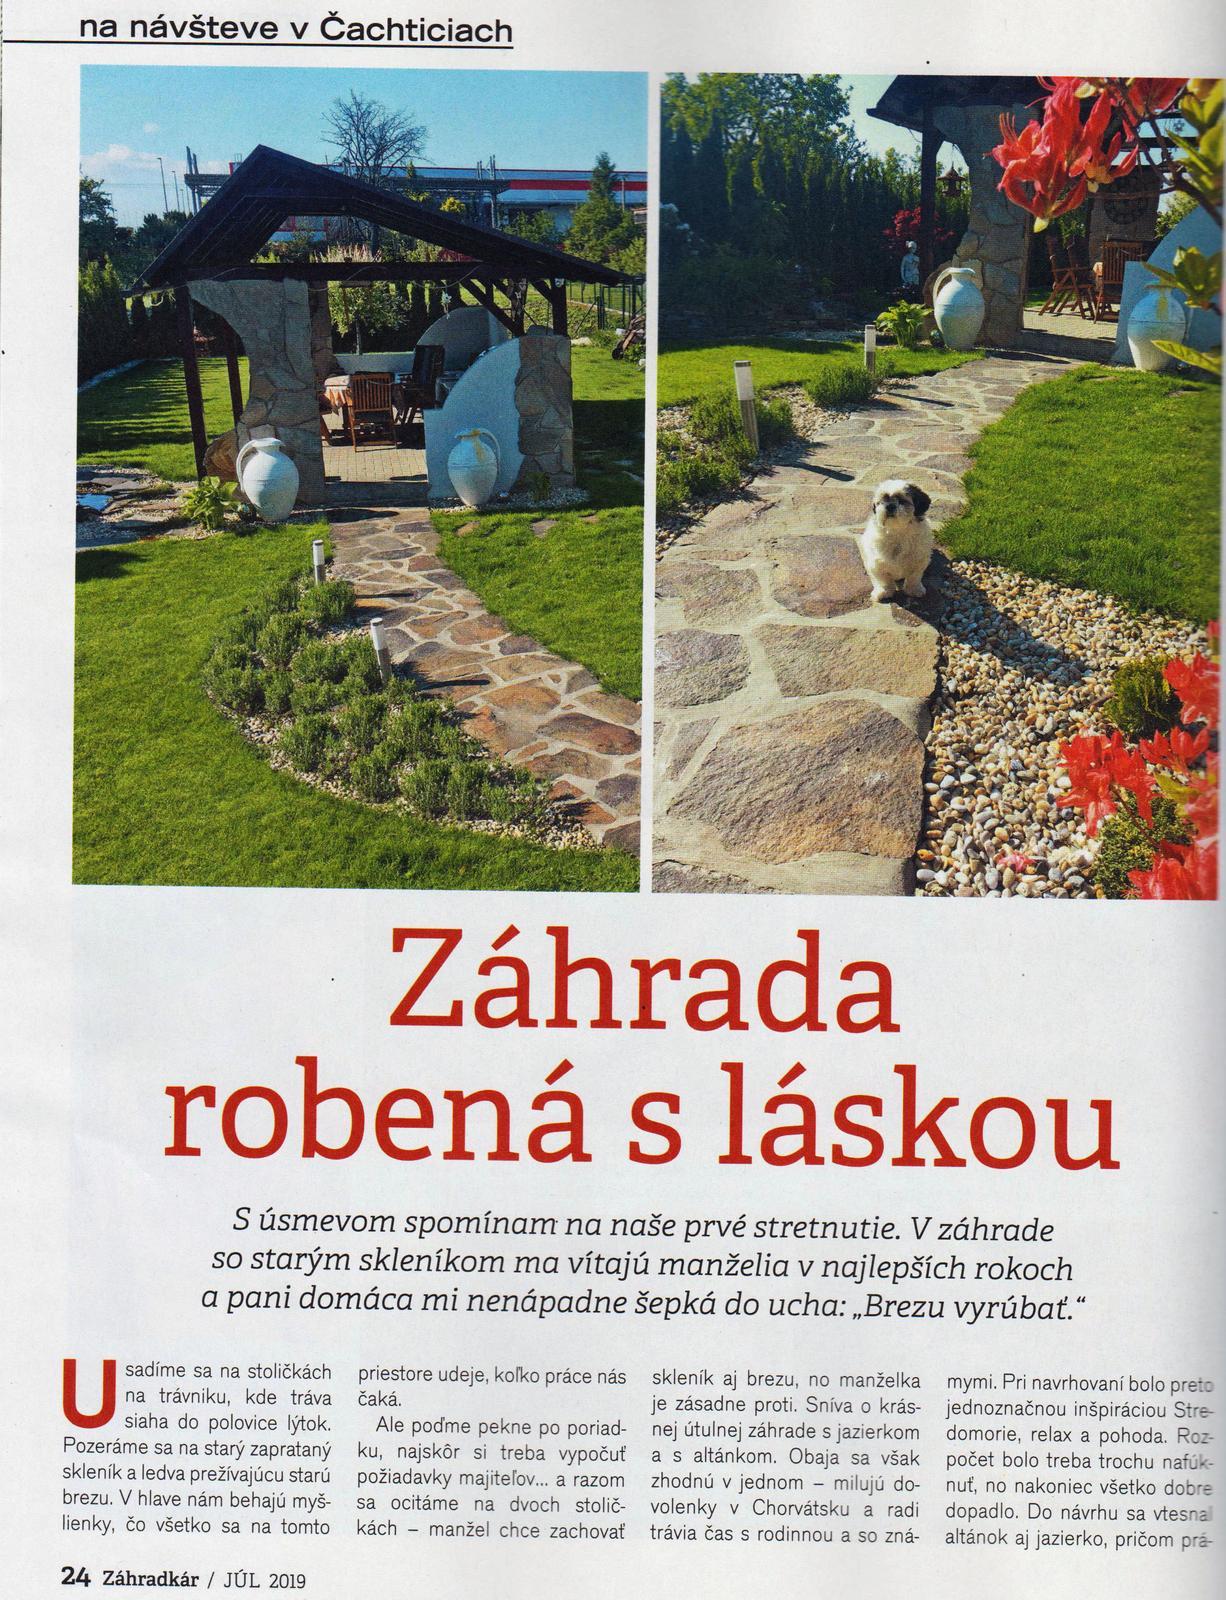 Záhrada s láskou robená - Obrázok č. 2